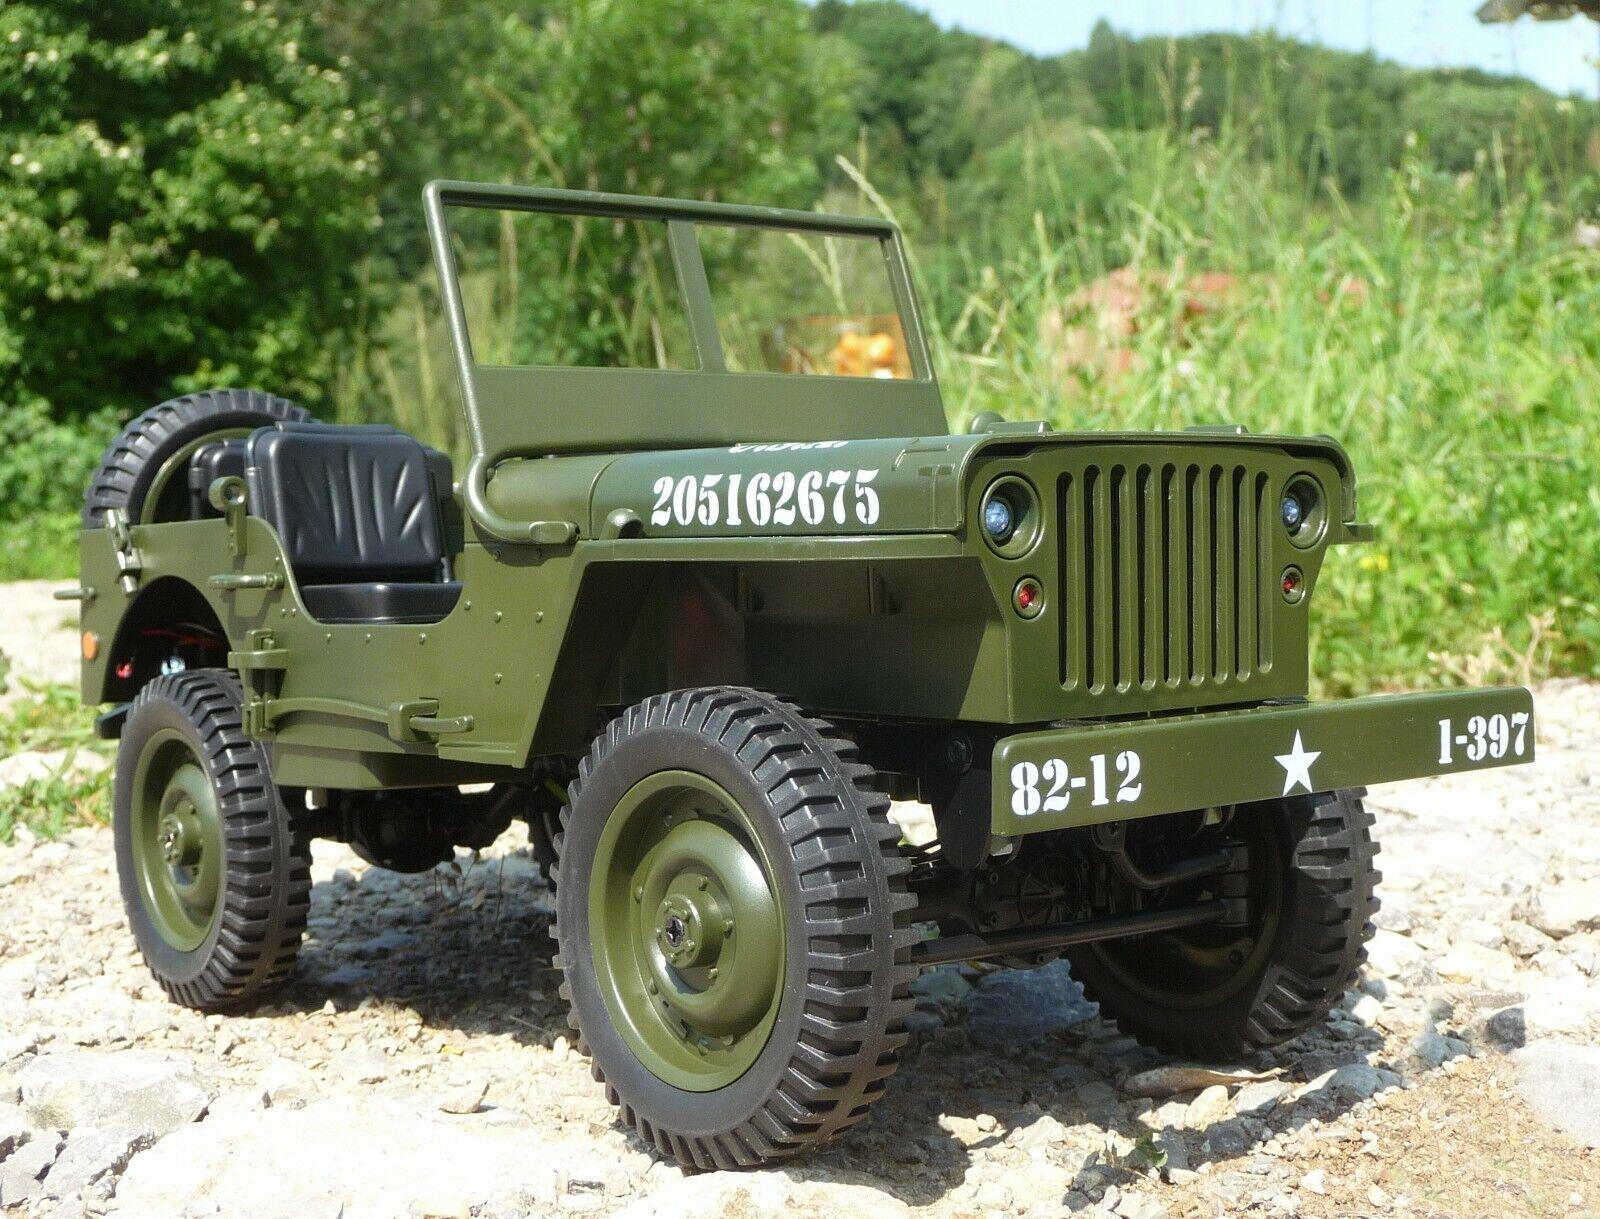 RC jeep militar Willys con luz & longitud batería 34cm por control remoto 2,4ghz 403105